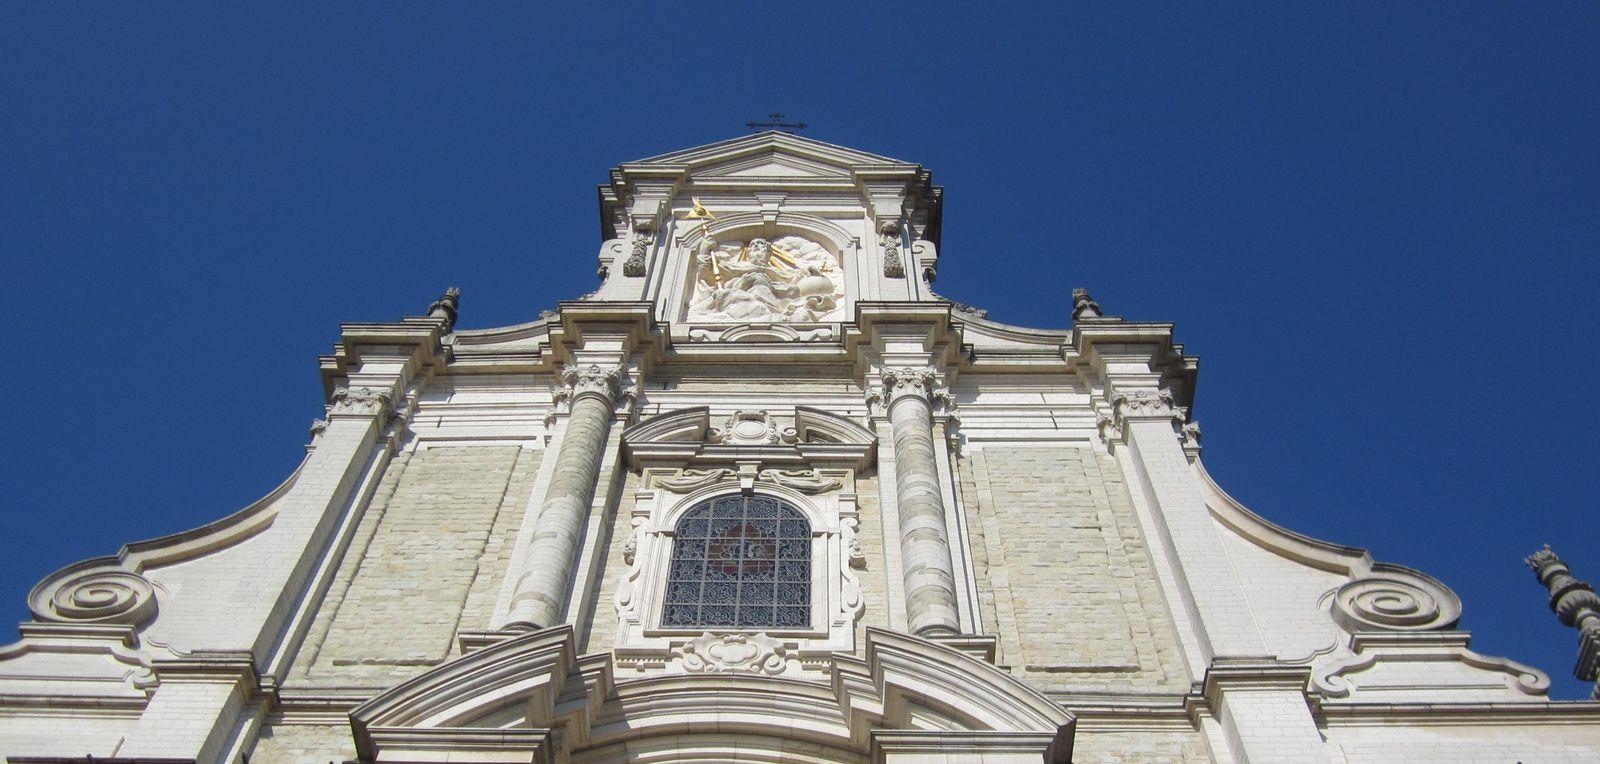 L'église de style baroque est au centre de ces jolies demeures